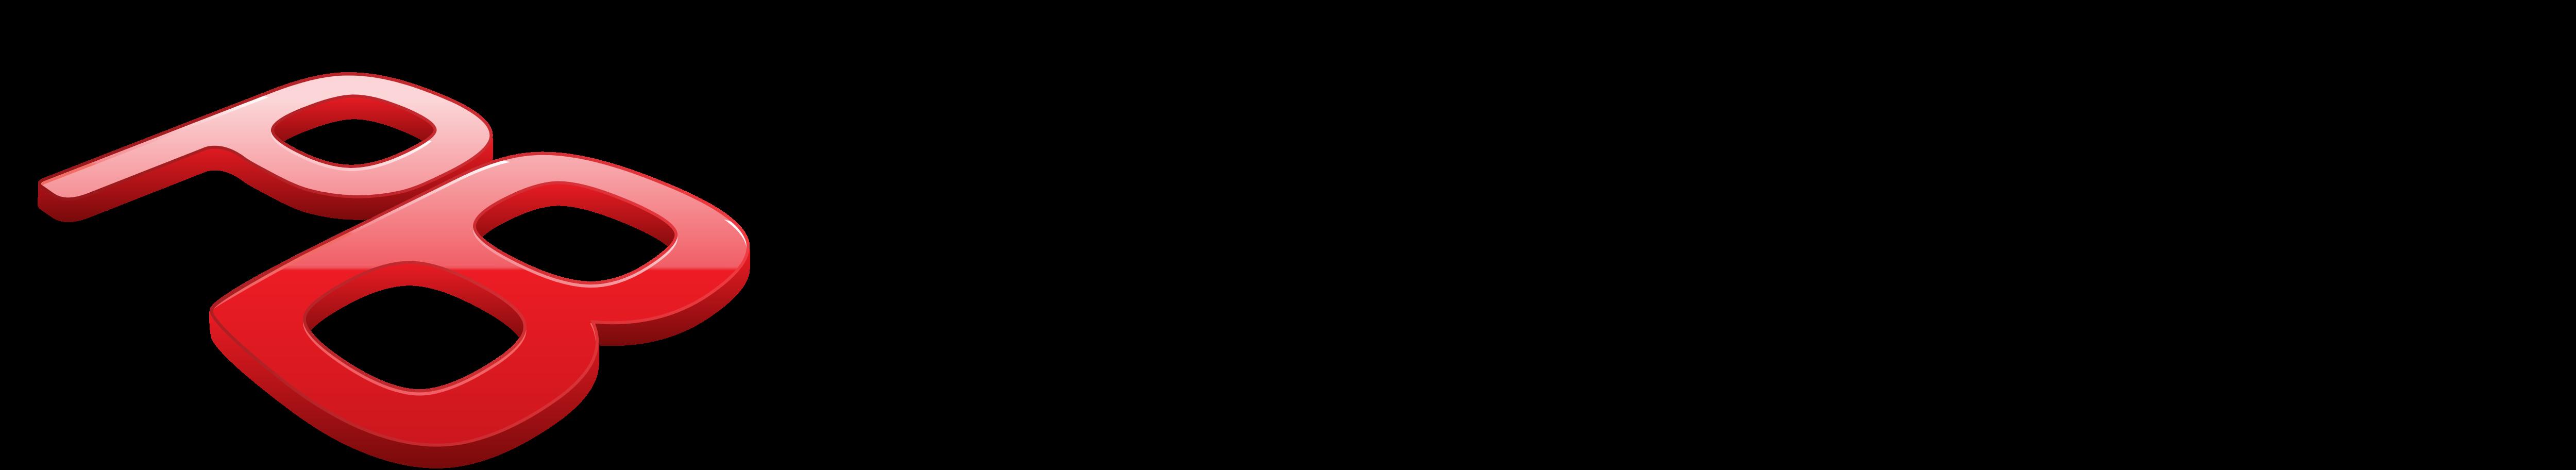 Výsledek obrázku pro PackardBell logo